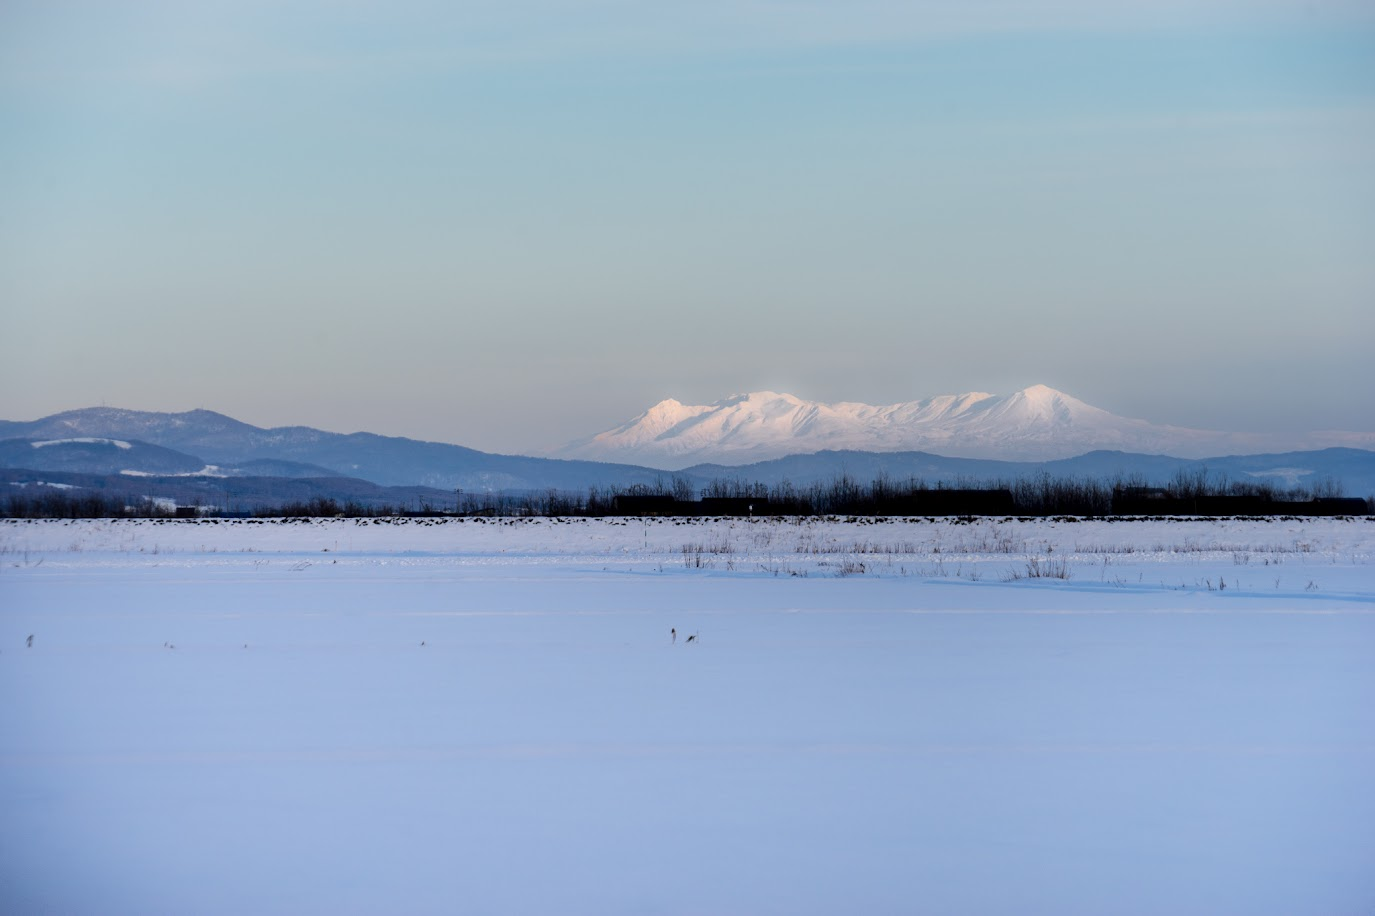 白銀に浮かび上がる山々